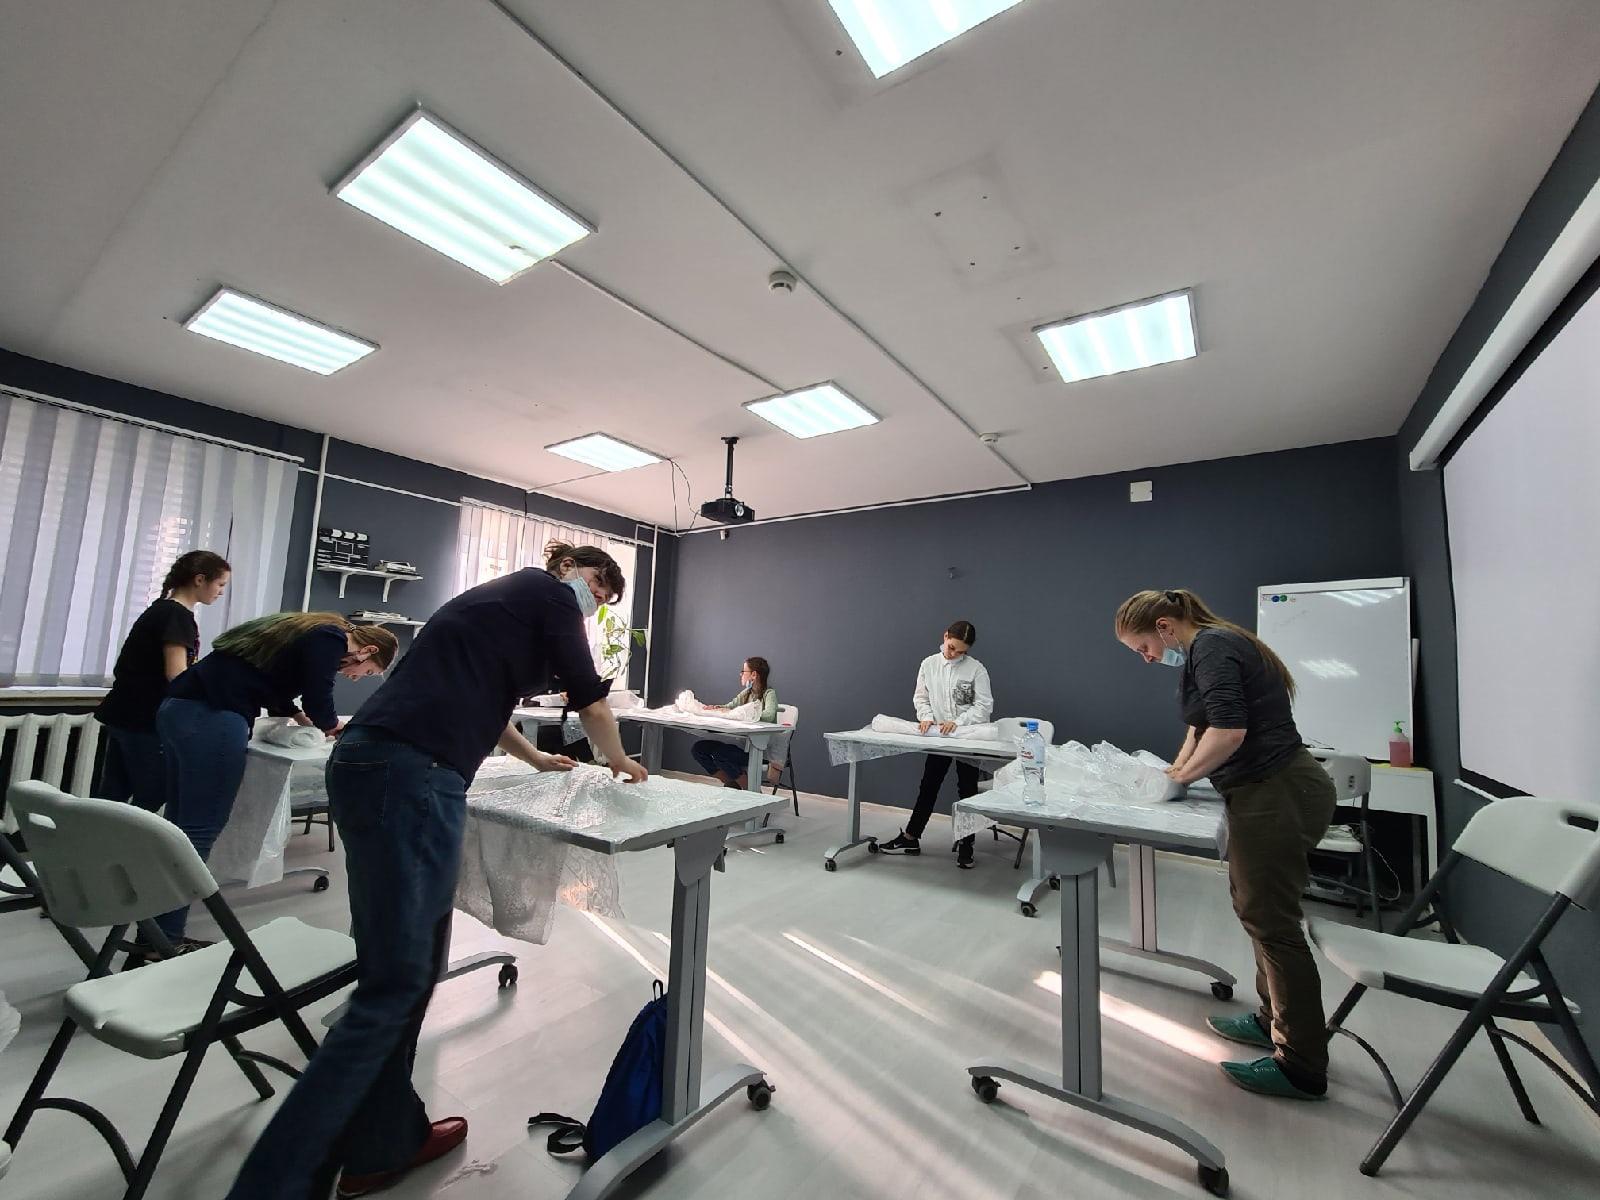 проект интеграционной мастерской «Колесо ремёсел»